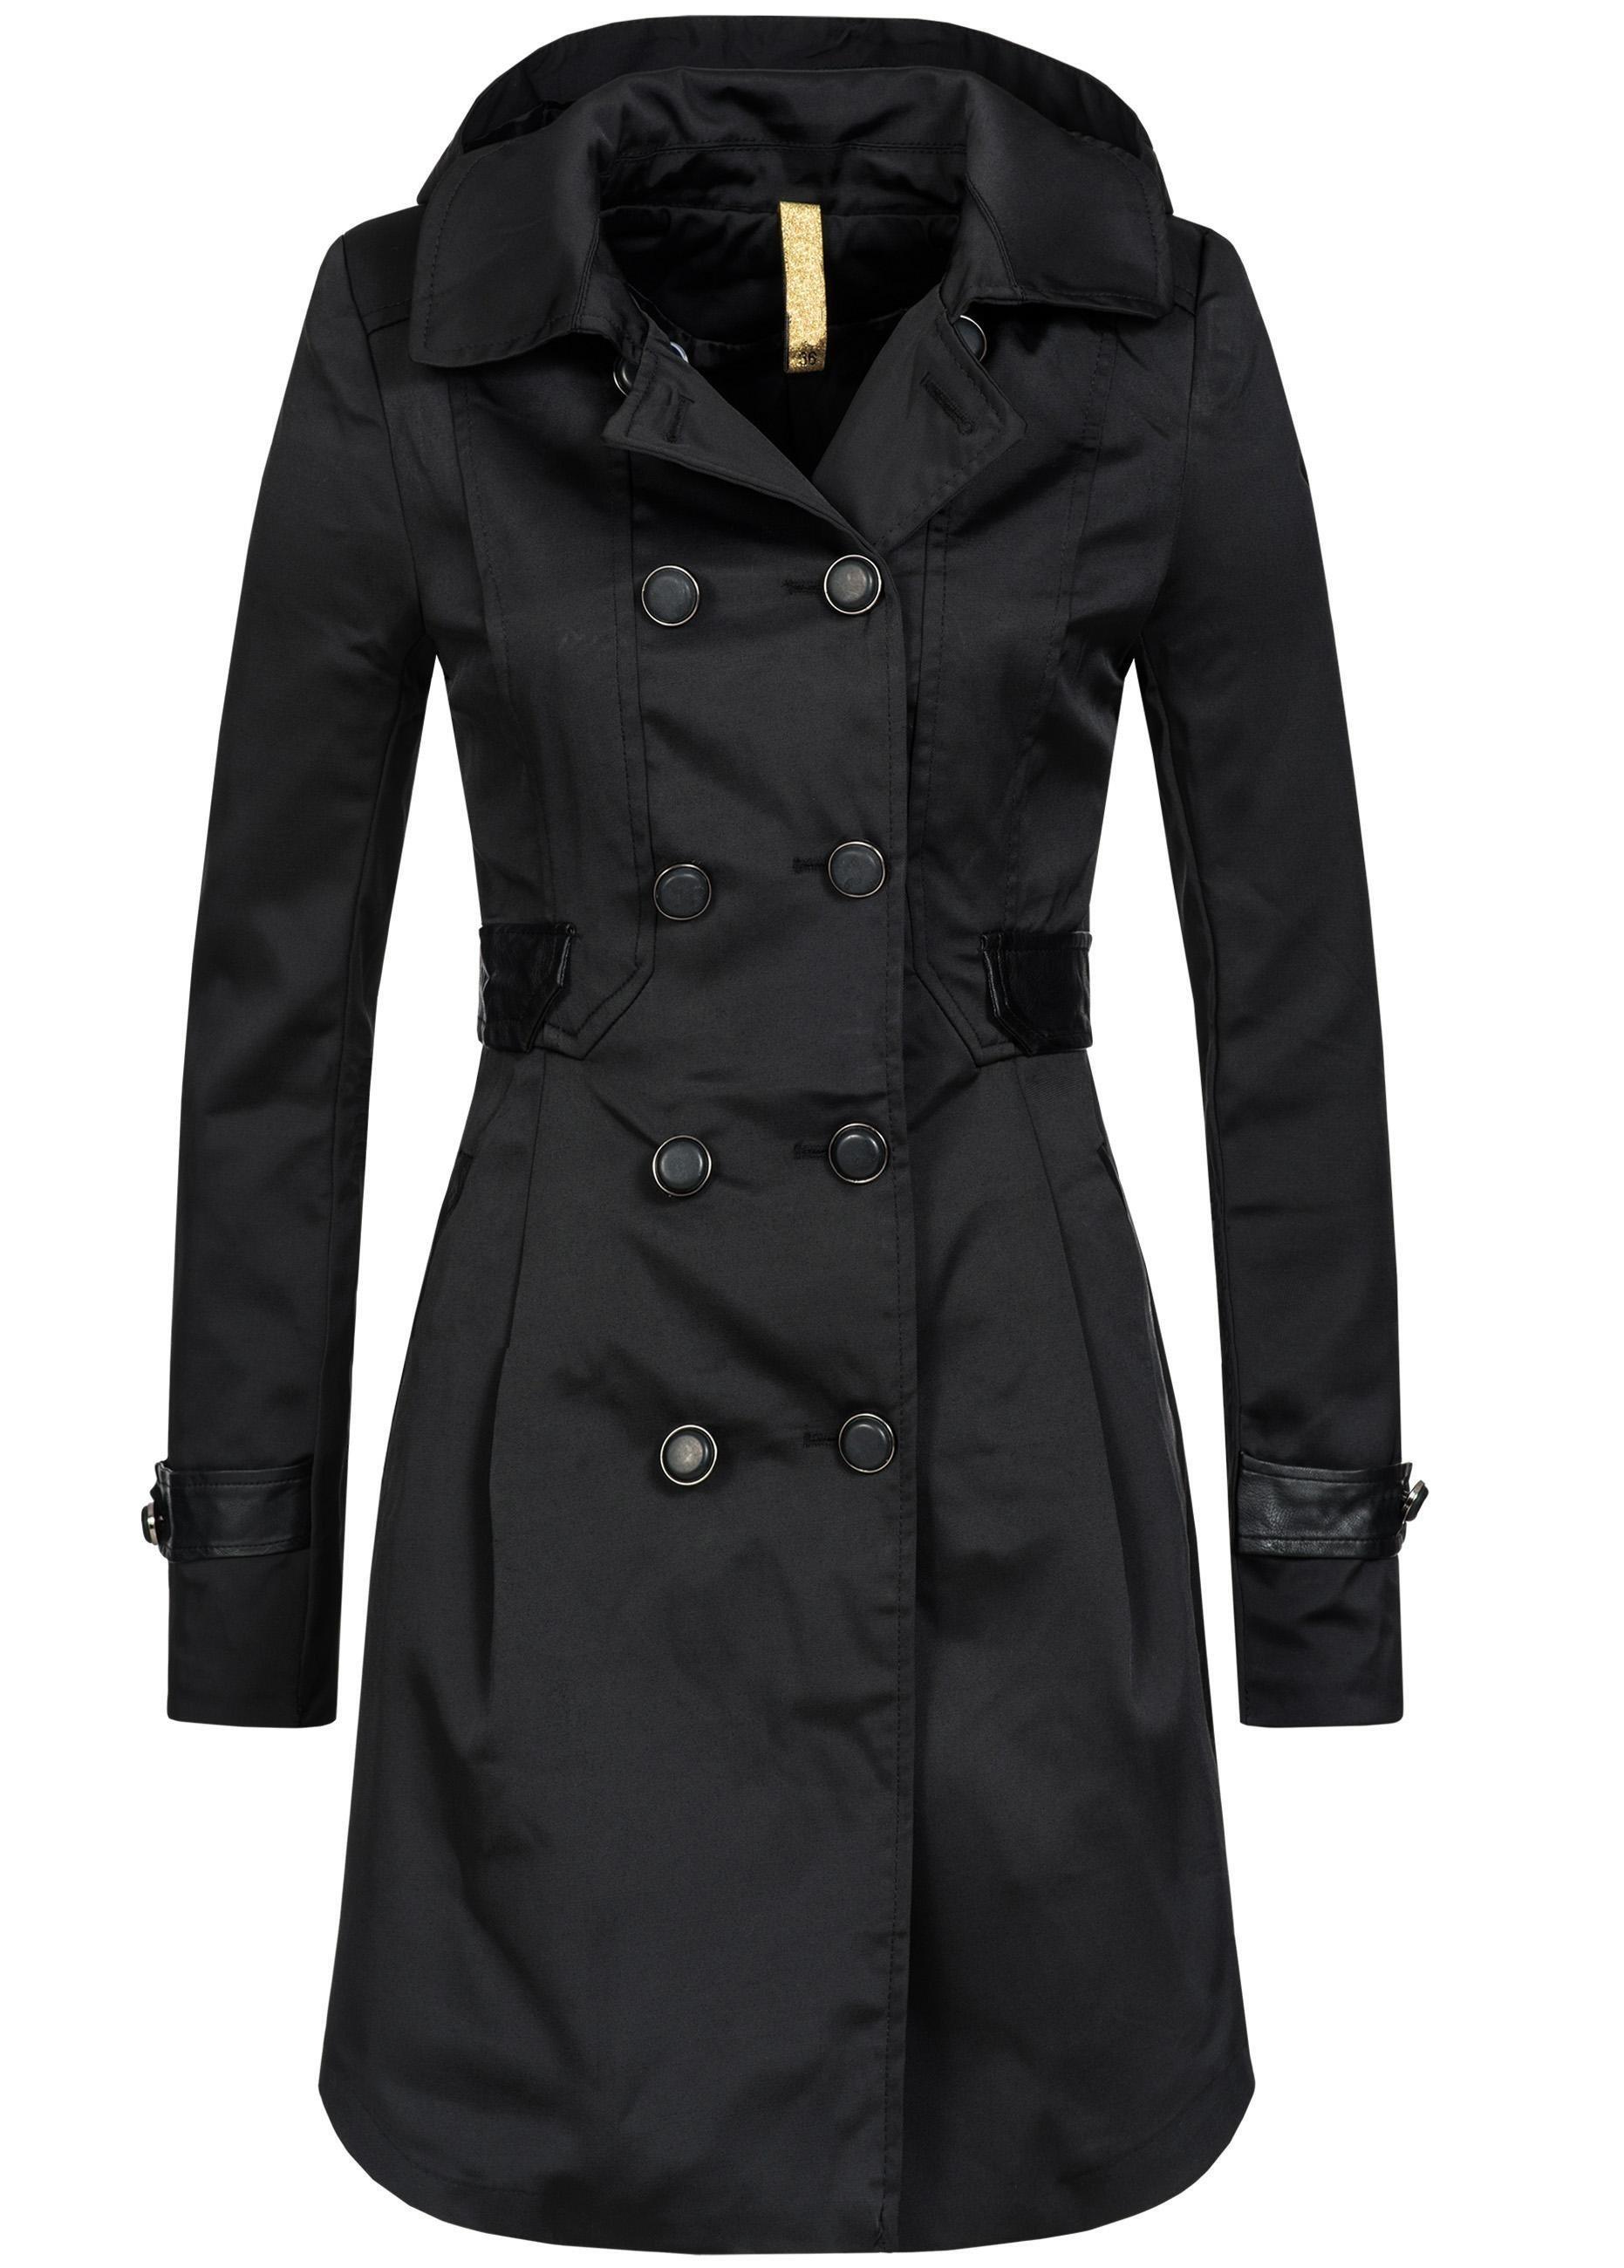 PEAK TIME Trenchcoat »V5605«, edler Mantel in klassischem Style | Bekleidung > Mäntel > Trenchcoats | PEAK TIME